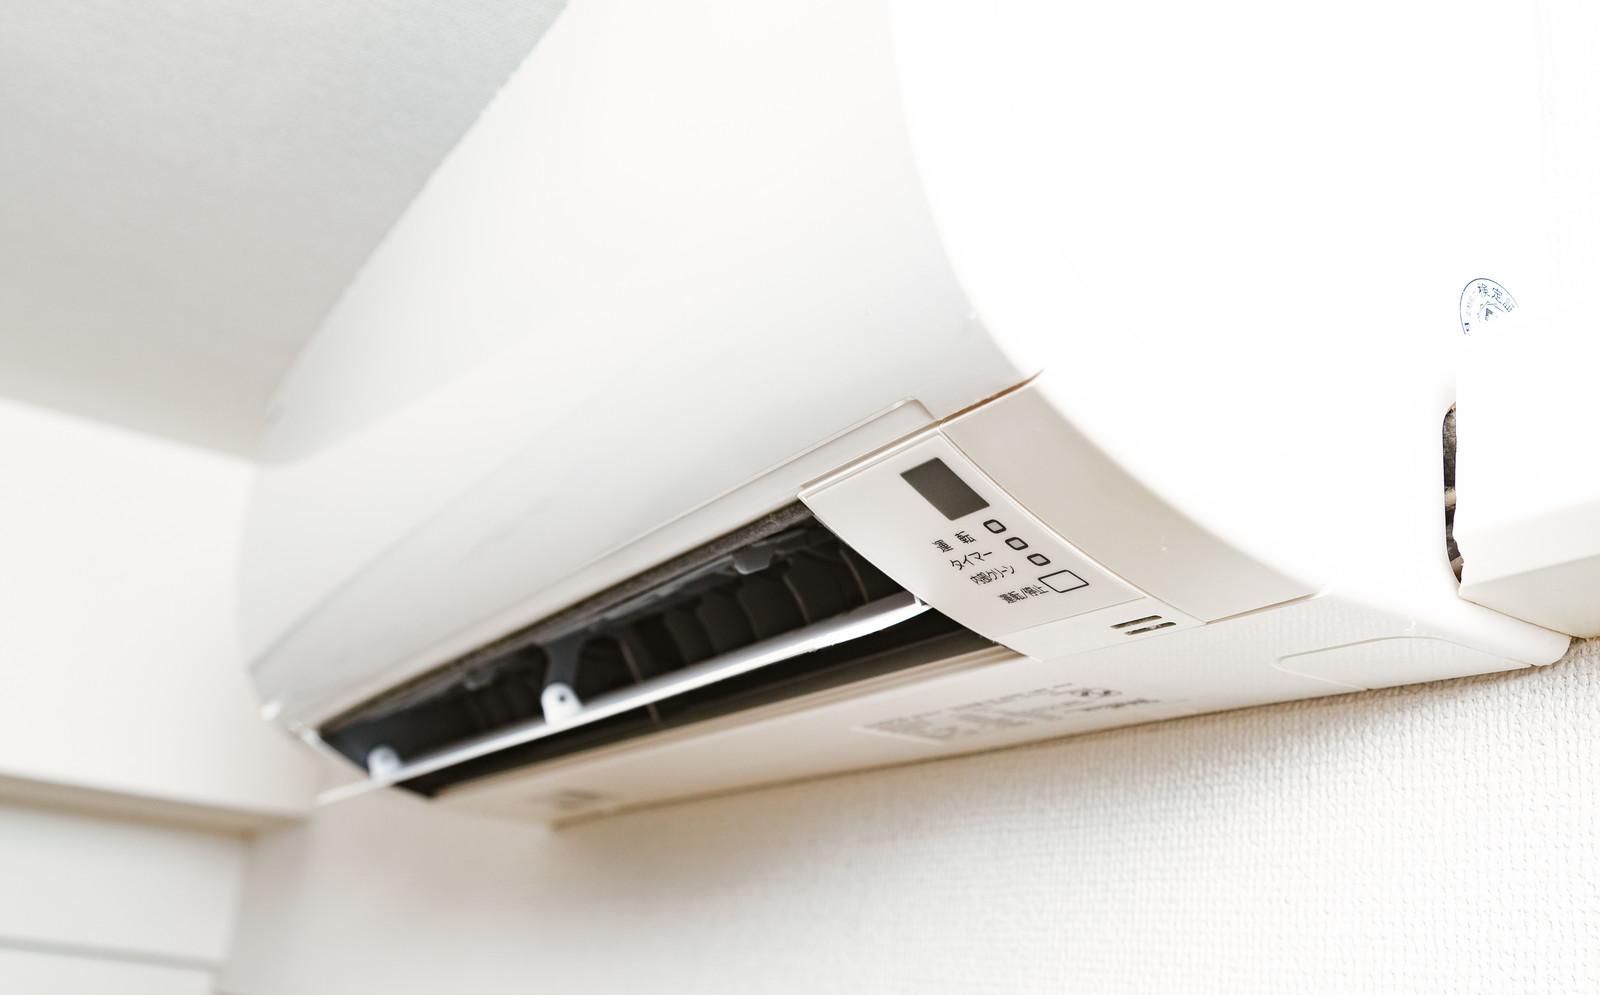 冬の暖房費はこう抑える!11個の電気代節約術【エアコン以外もあり】